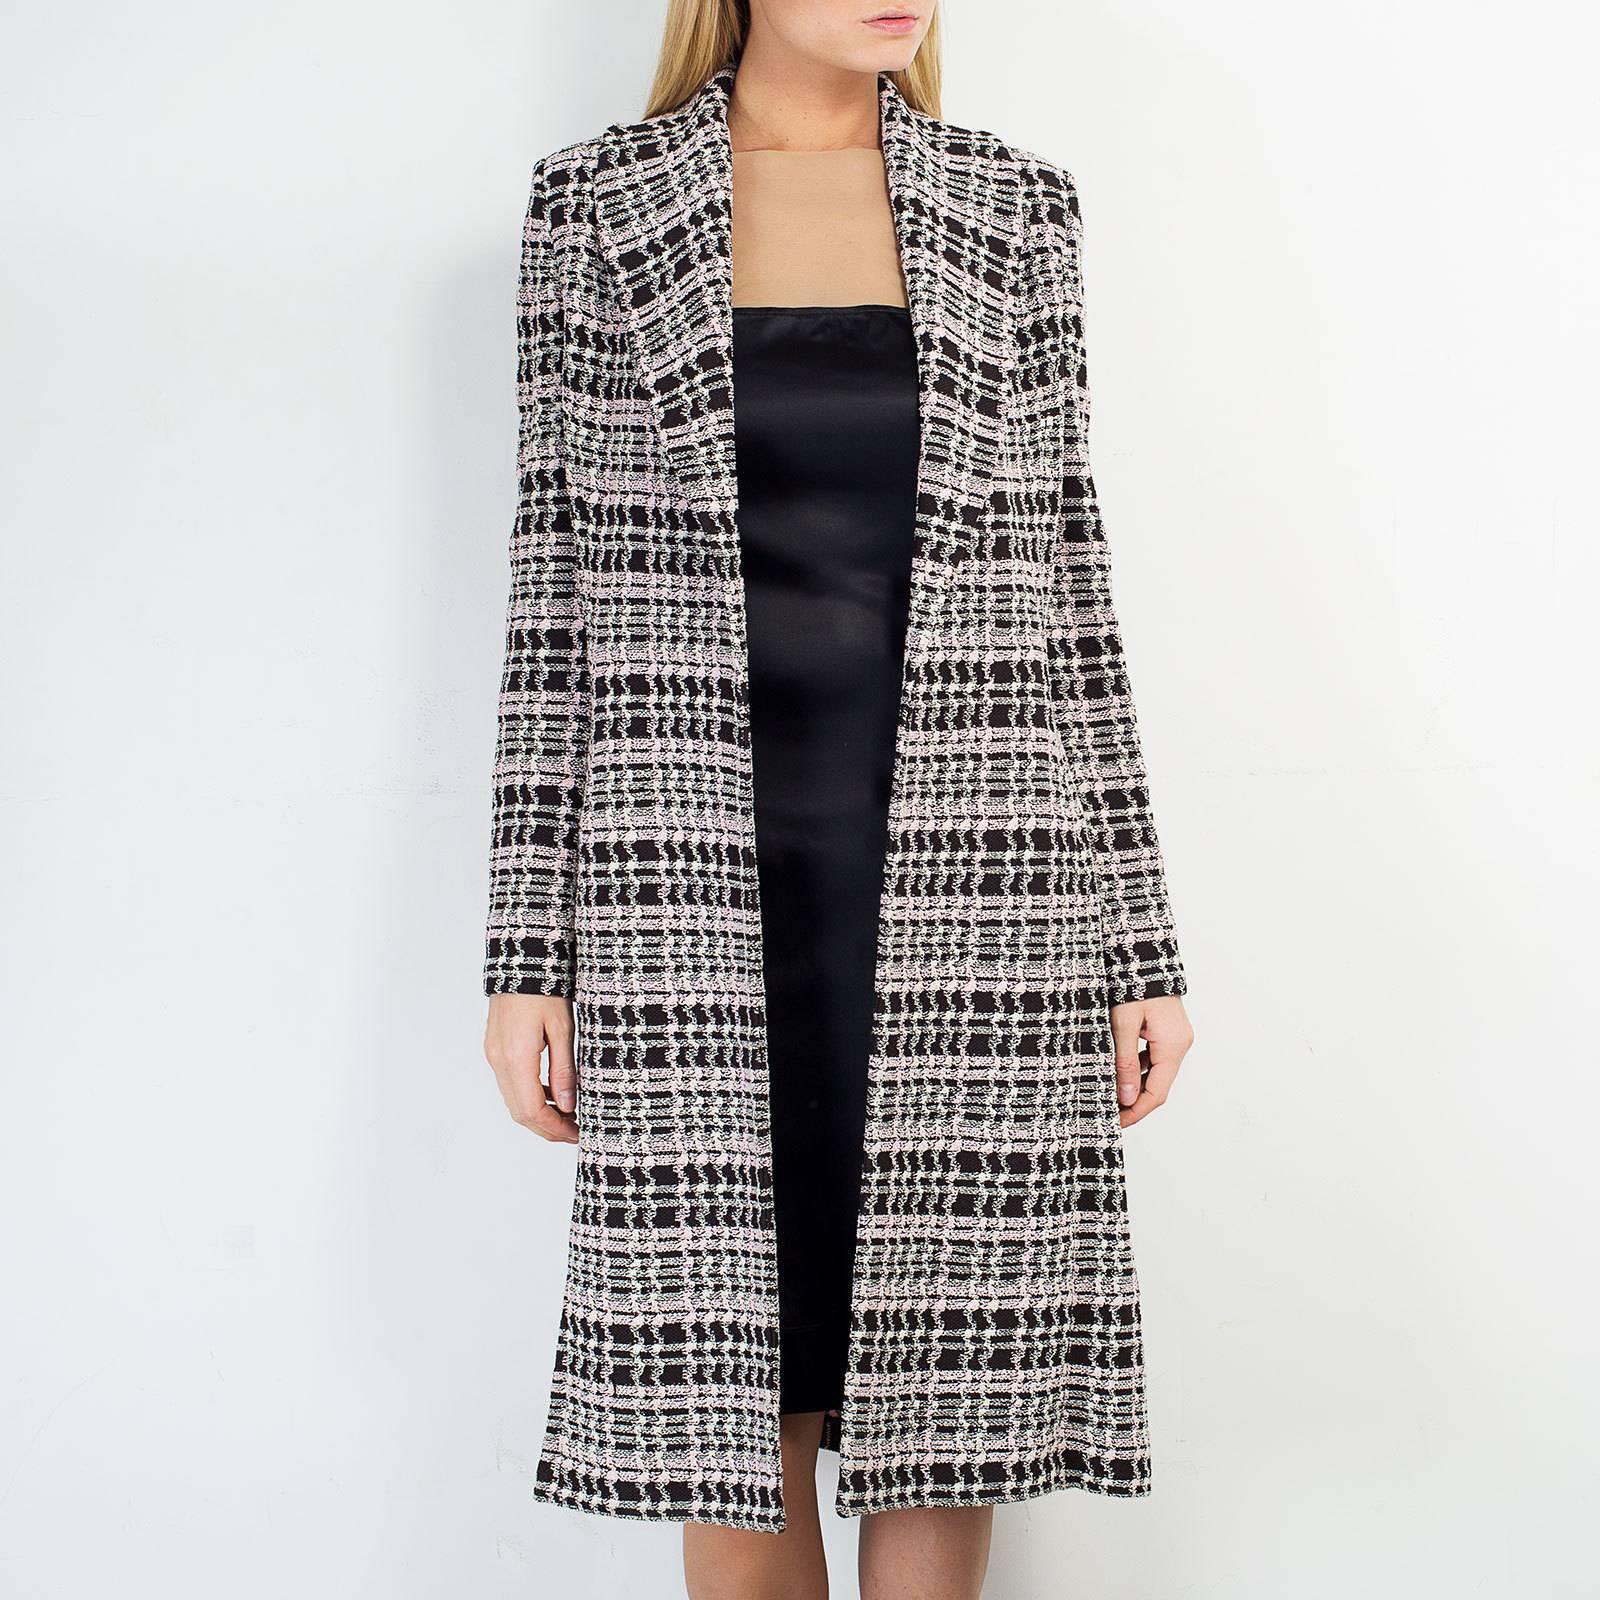 Пальто   St. John